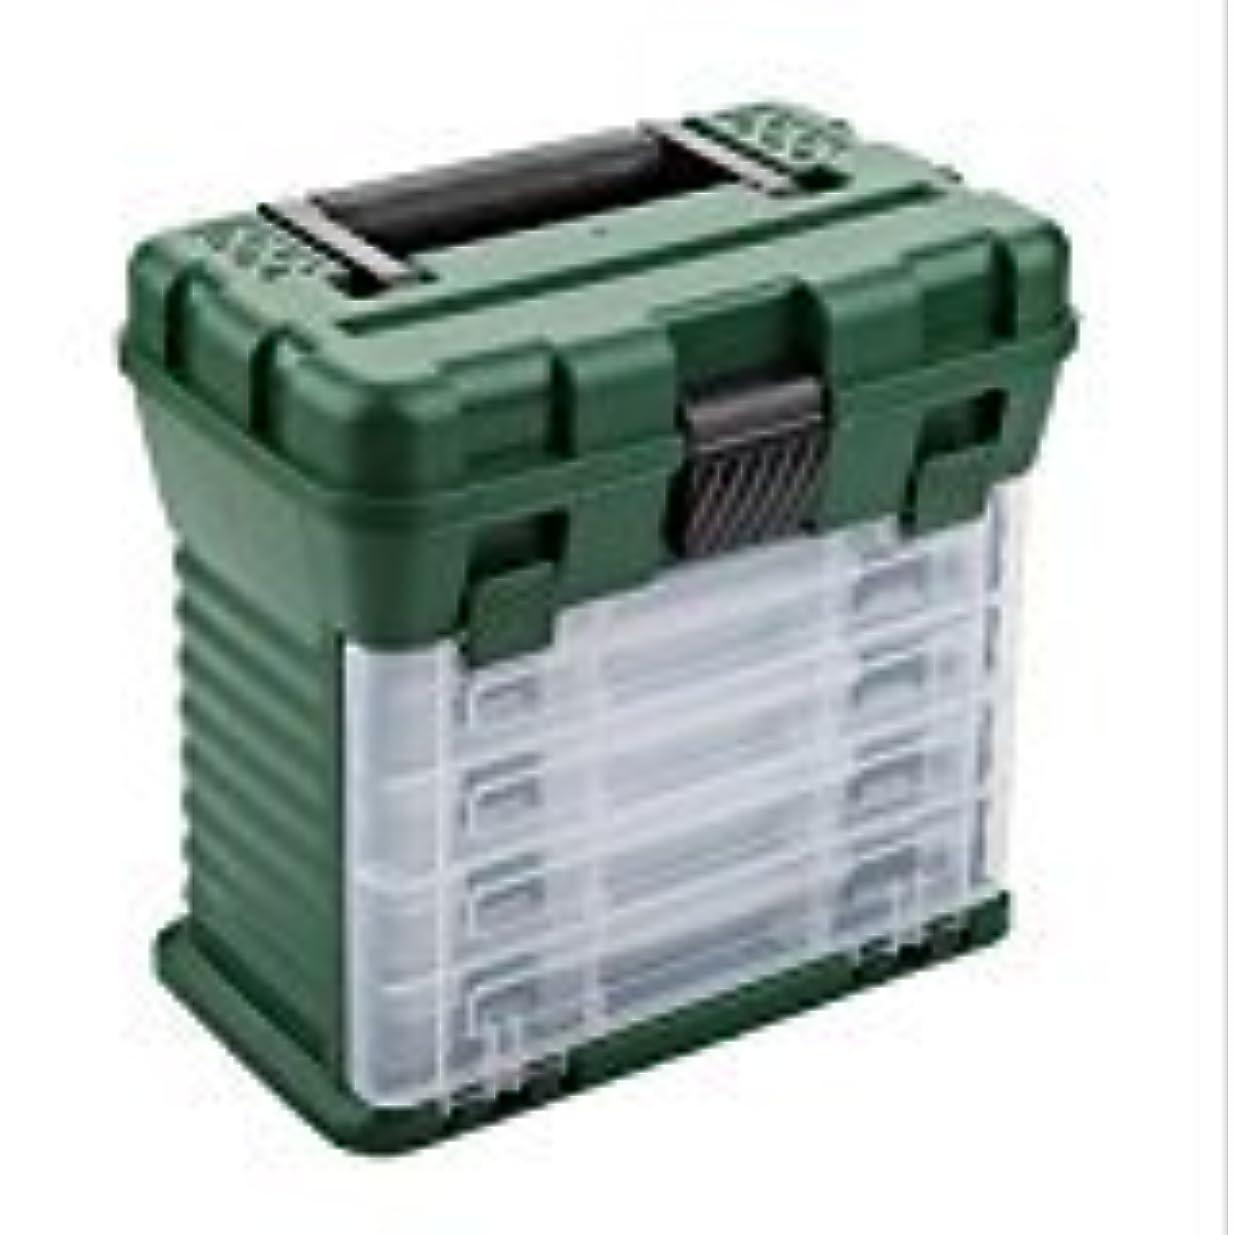 忠実なチャネルパイプラインRaiFu タックルボックス フィッシングボックス 釣り具 餌 仕切り板付属 工具 文具 ねじ 釘 分類 収納 5段 収納BOX ハードボックス 整理 トレイ 大容量 耐衝撃 釣りタックルボックス